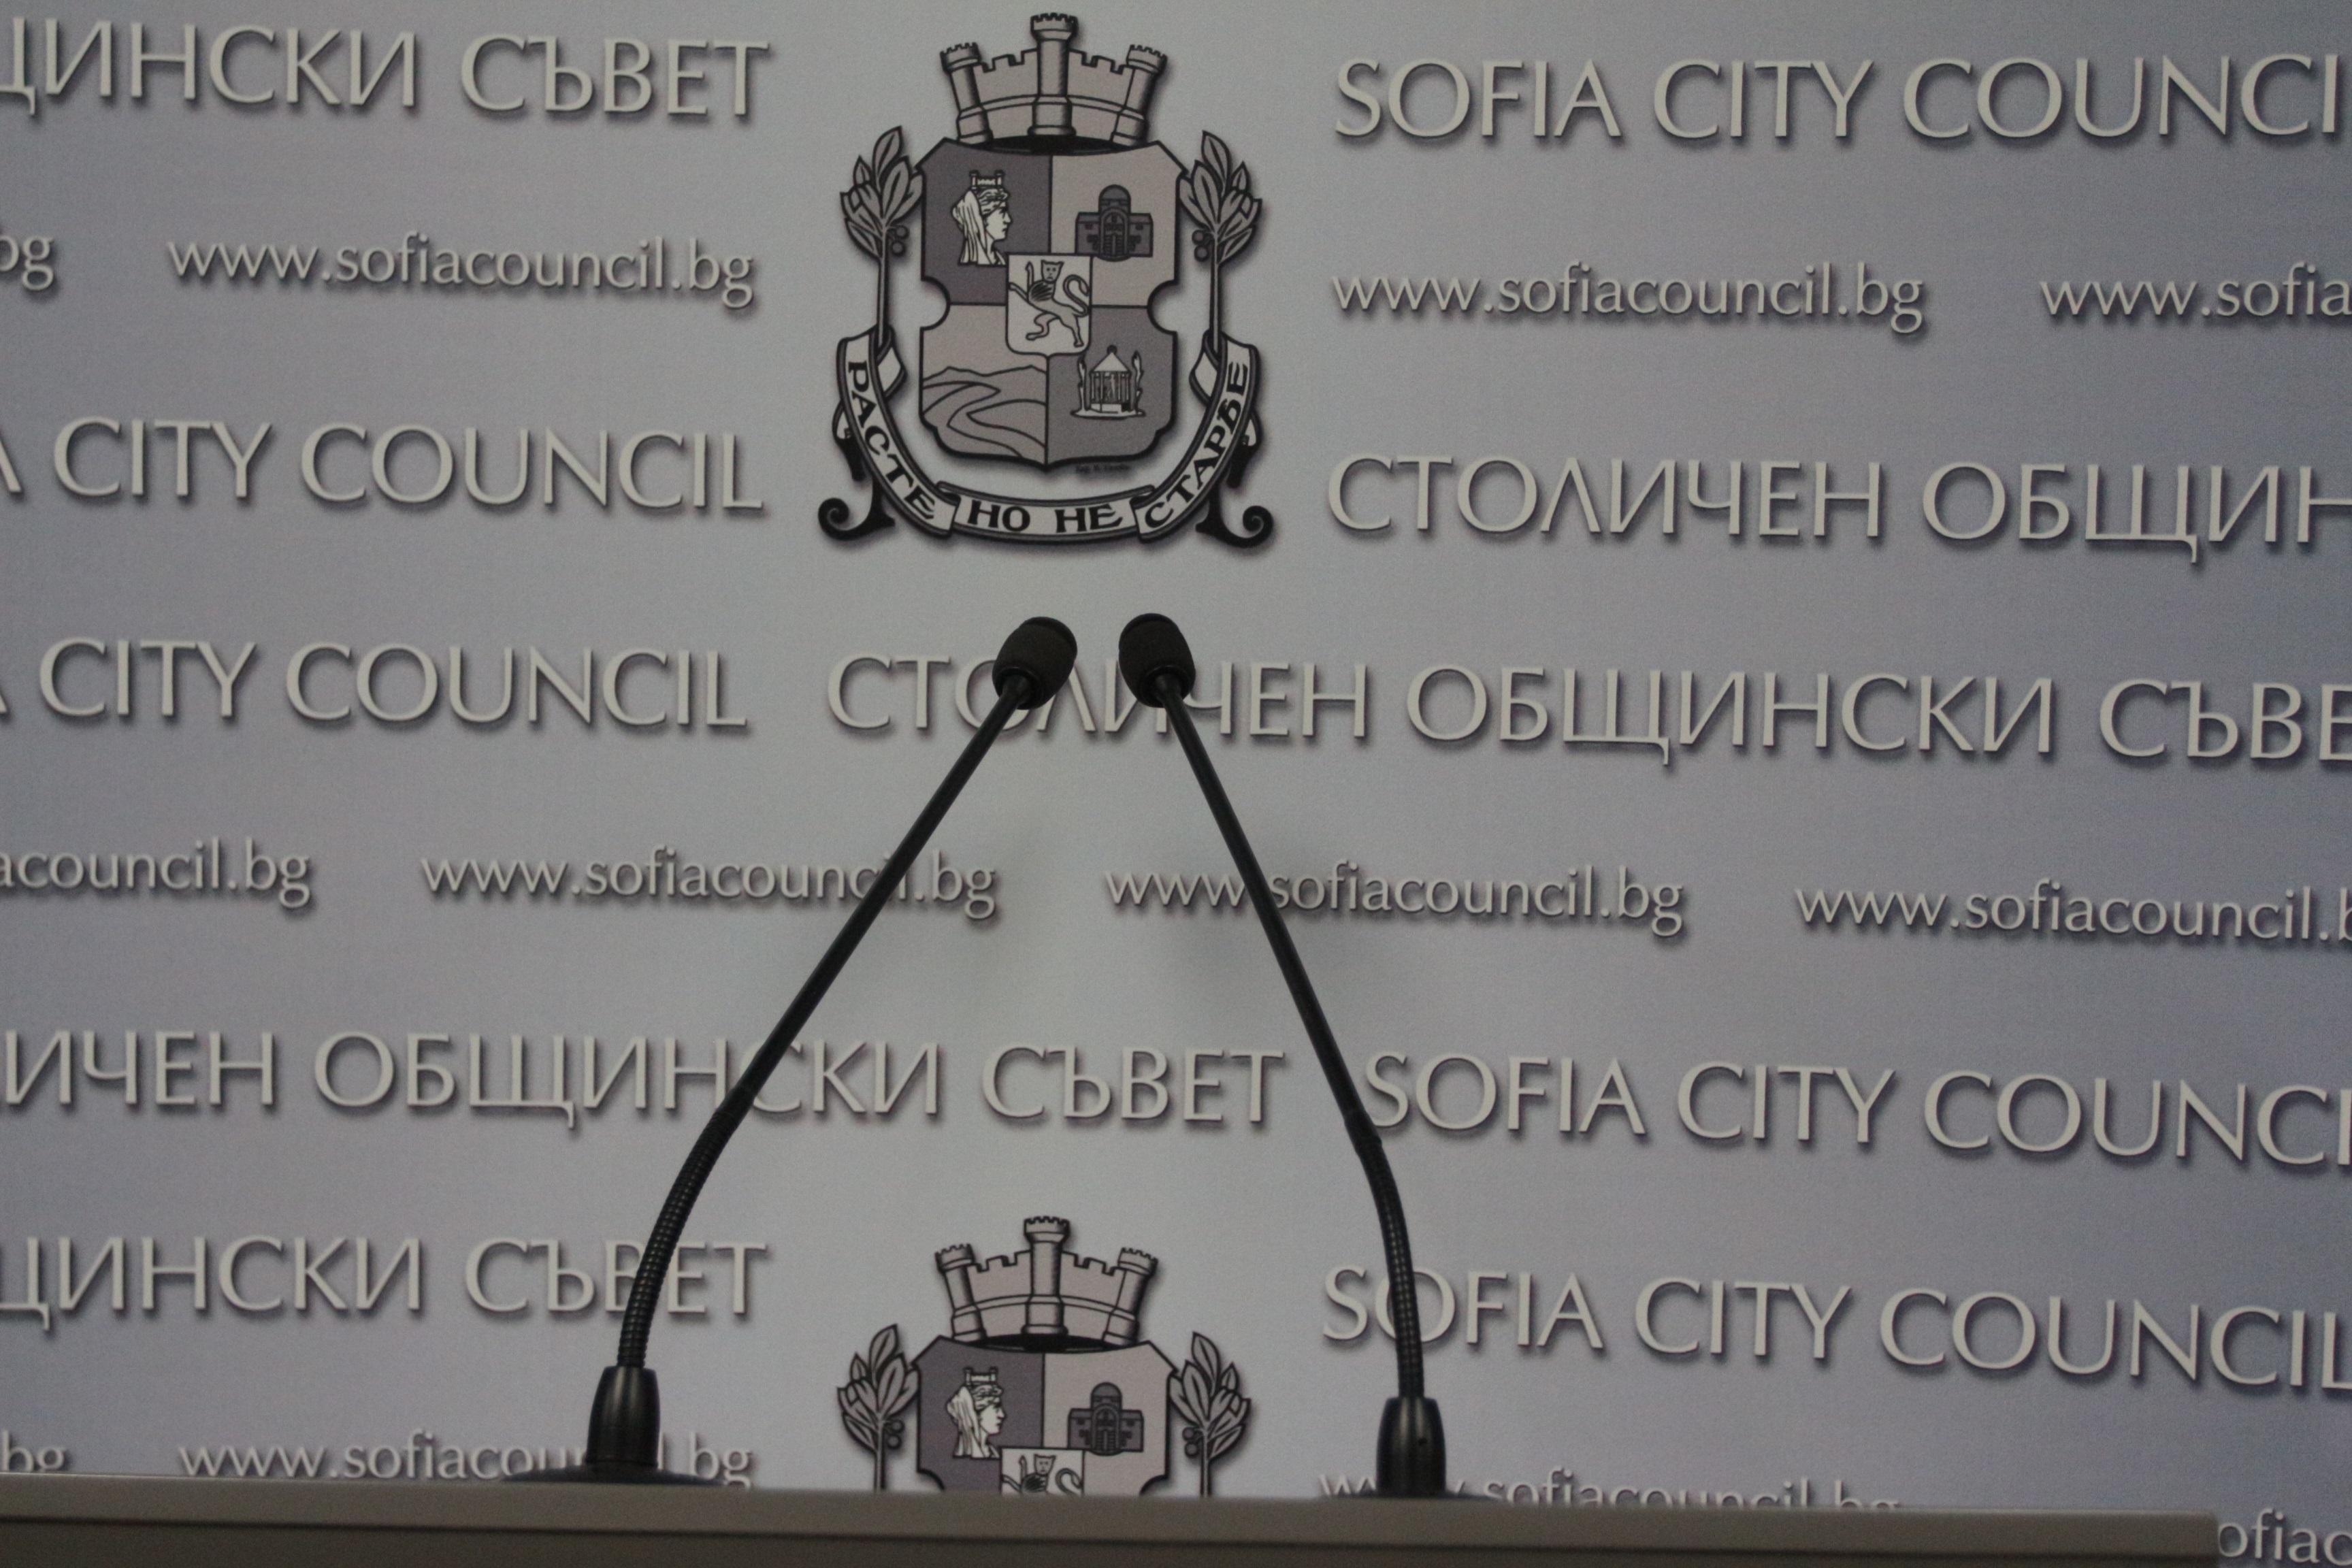 17 000 столичани подписаха петиция за забрана на гърмежите в София